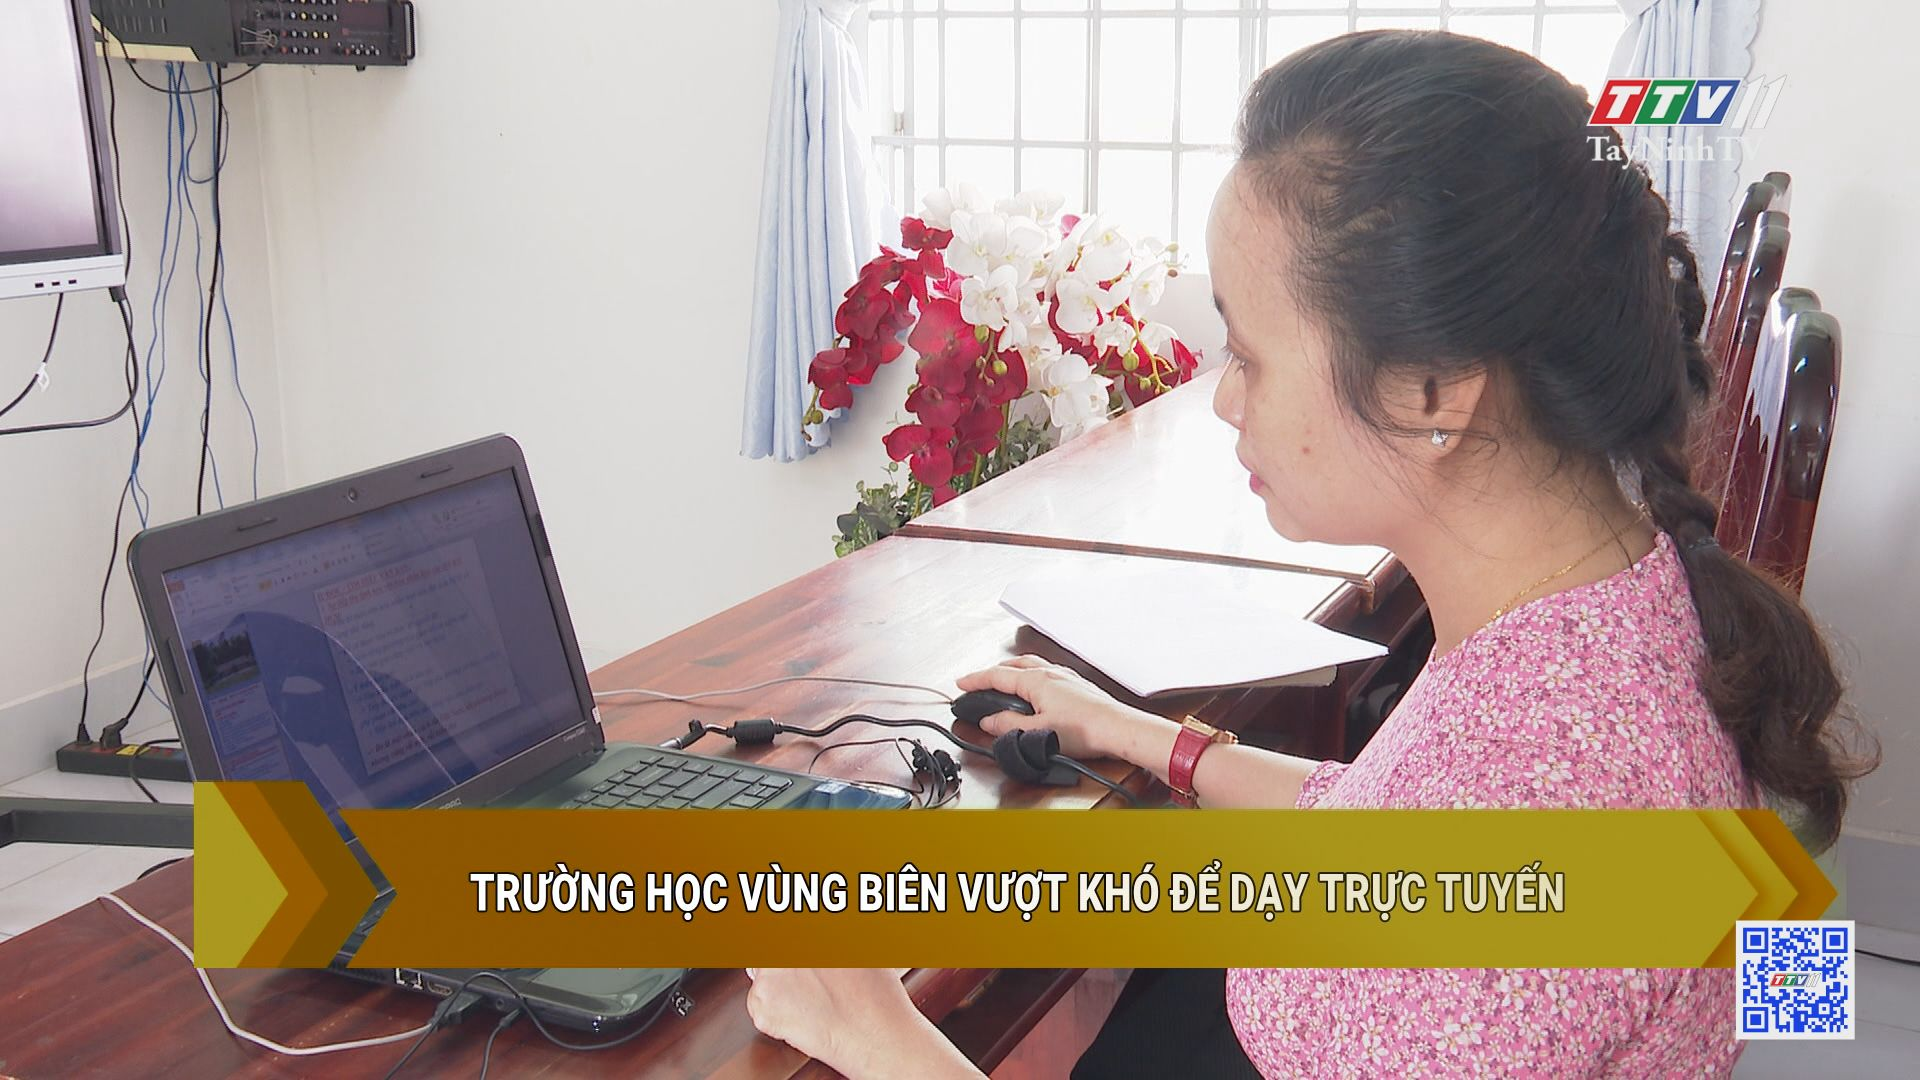 Trường học vùng biên vượt khó để dạy trực tuyến | GIÁO DỤC ĐÀO TẠO | TayNinhTV